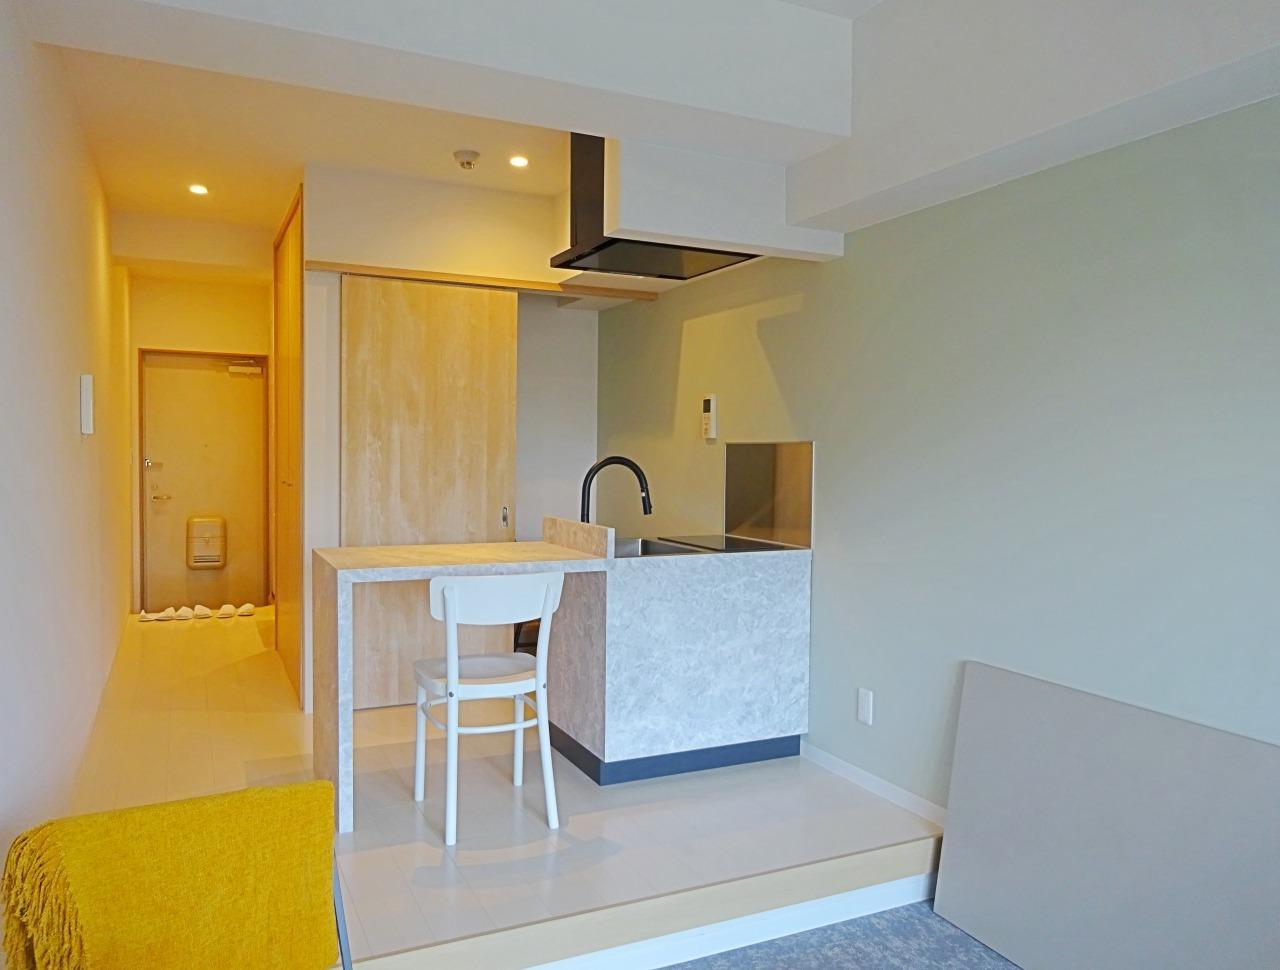 7F居室はカウンターキッチン、コンロはガスの2口です。